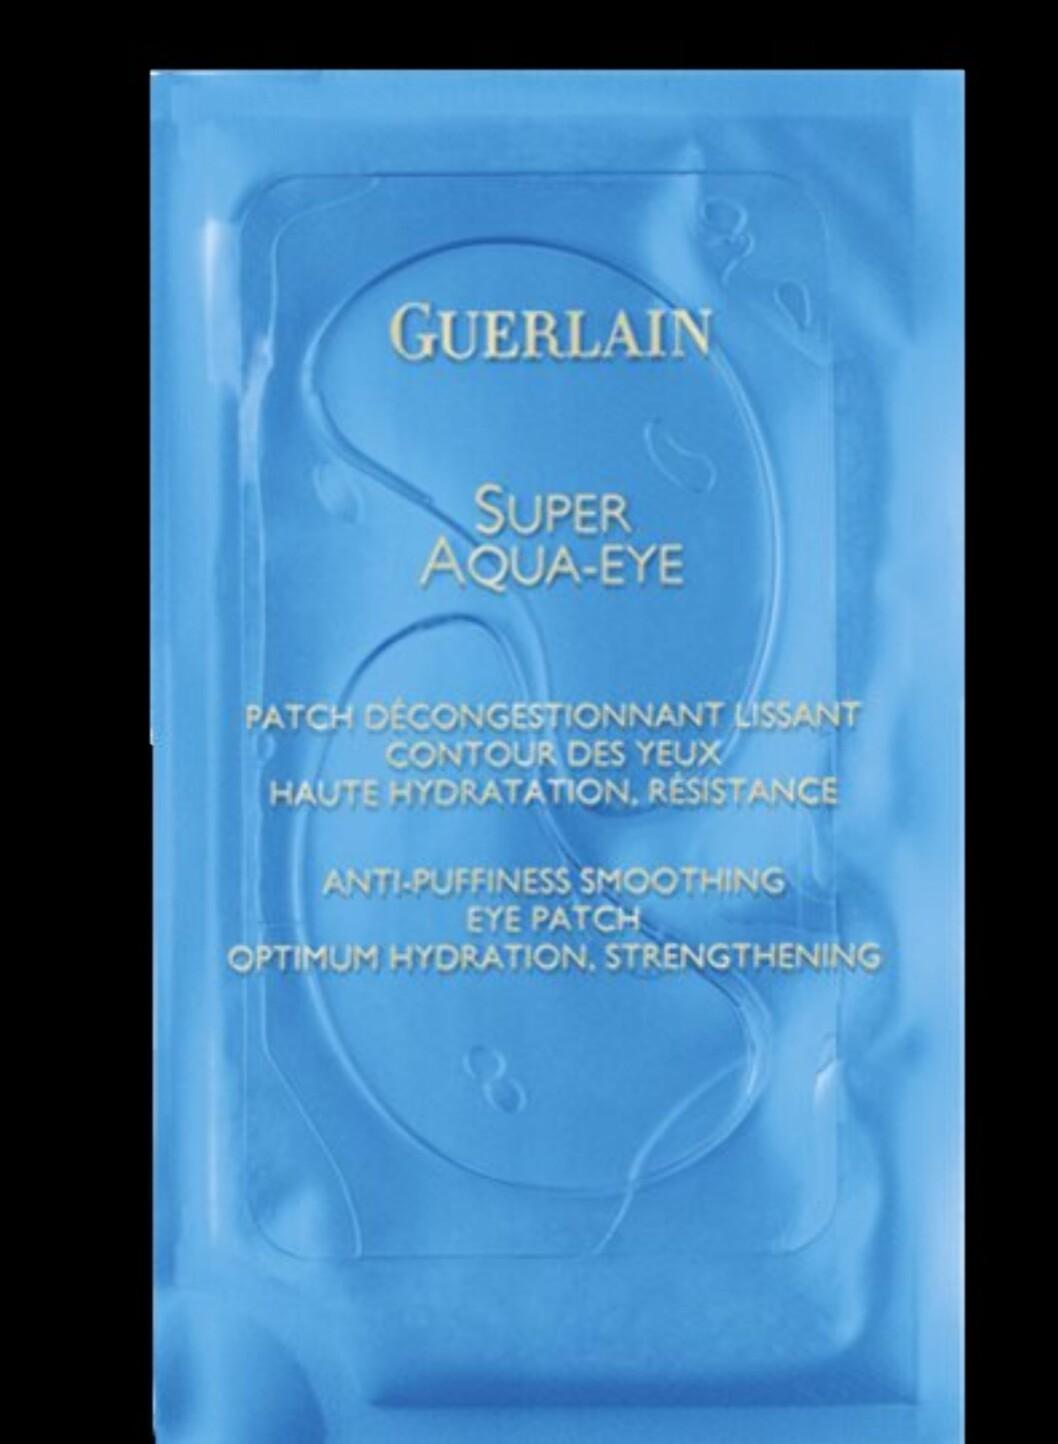 Super Aqua-Eye fra Guerlain gir intens fukt til øyeområdet og brukes gjerne sammen med ansiktsmasken i samme serie. (6 stk., kr 530) Foto: Produsenten